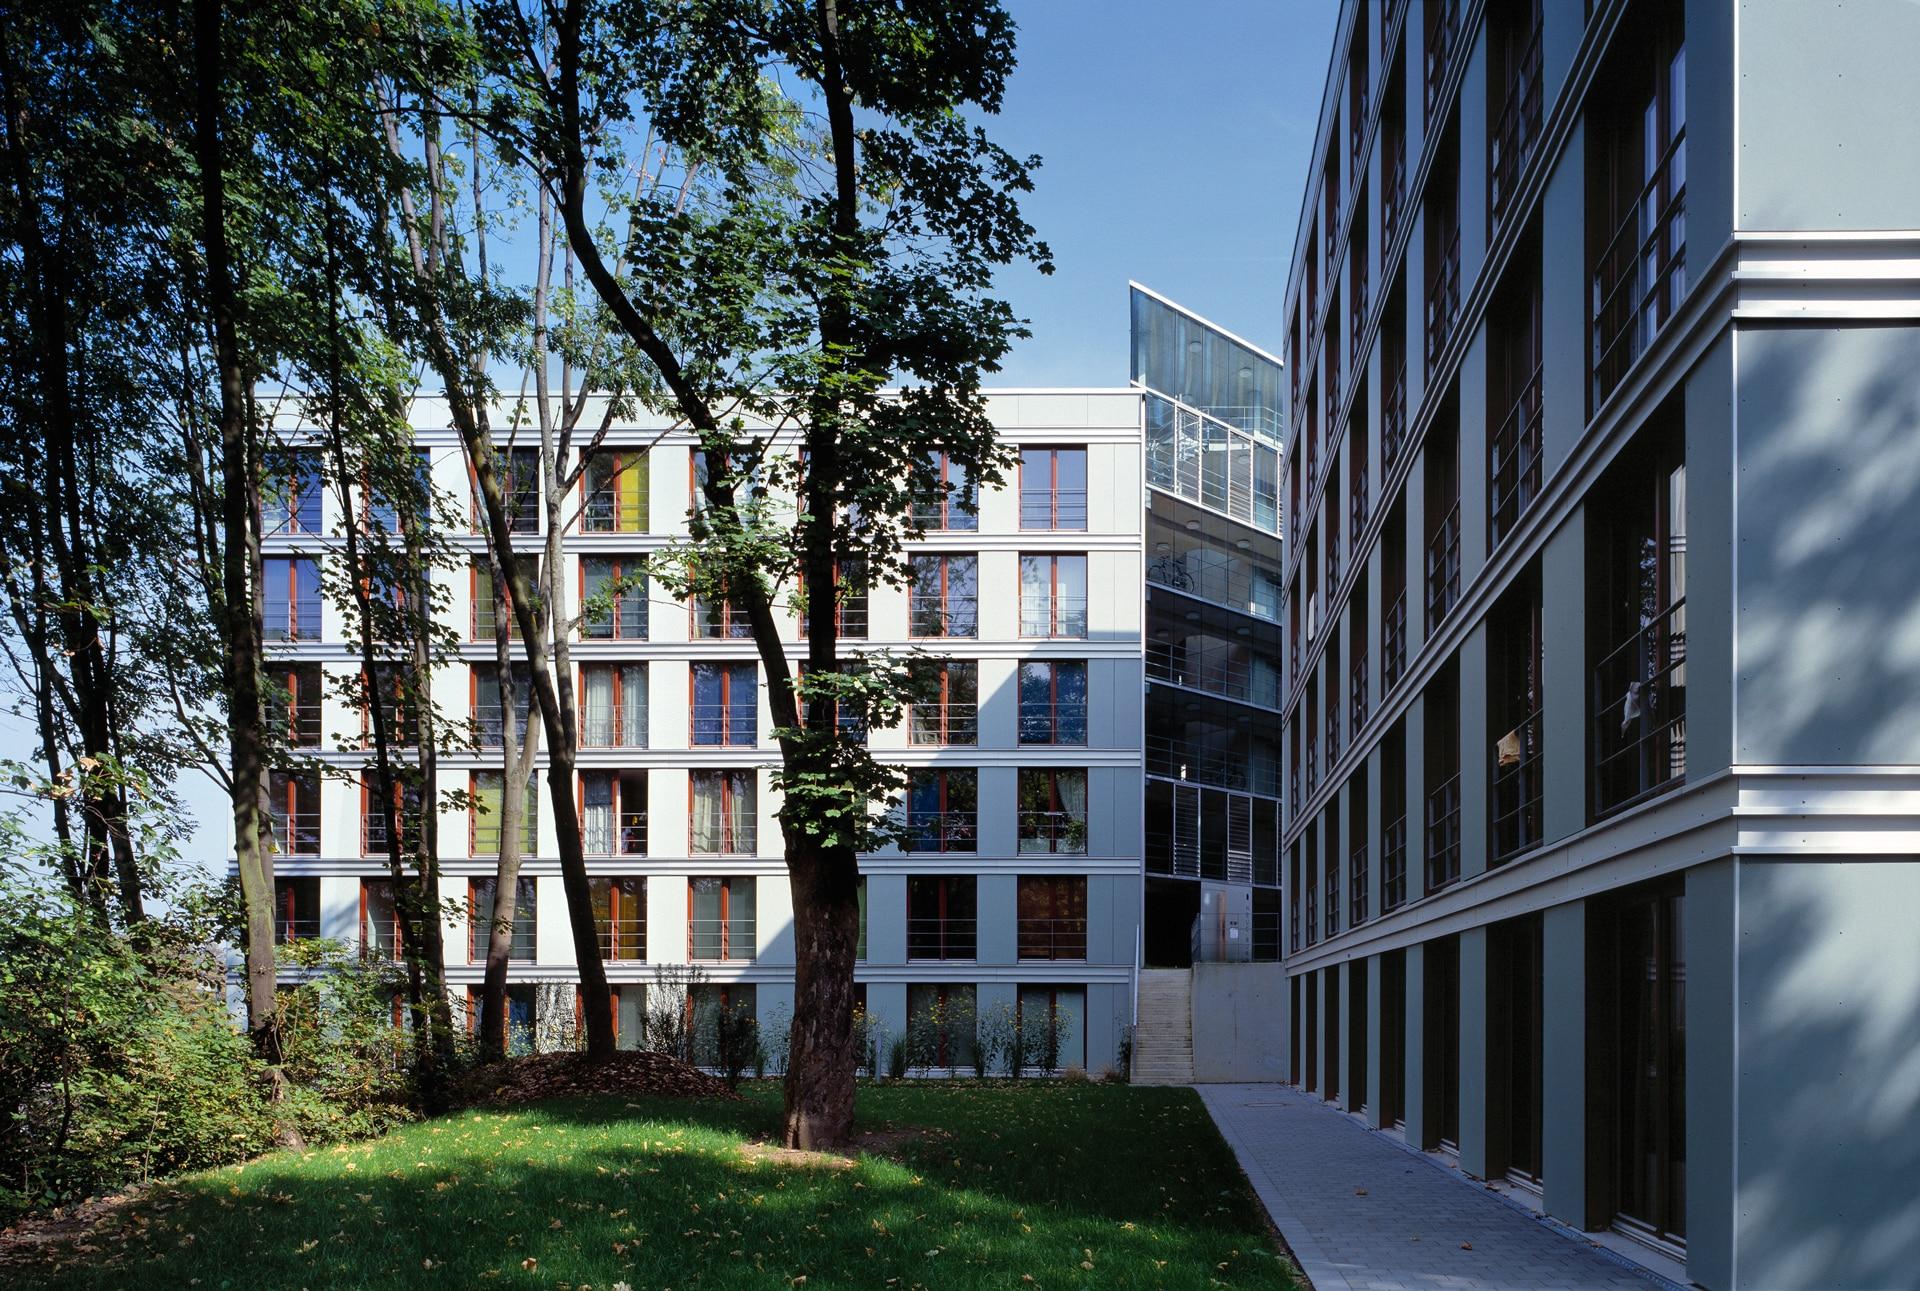 Studentenwohnheim Neue Burse / Bildquelle: Tomas Riehle, Bergisch-Gladbach